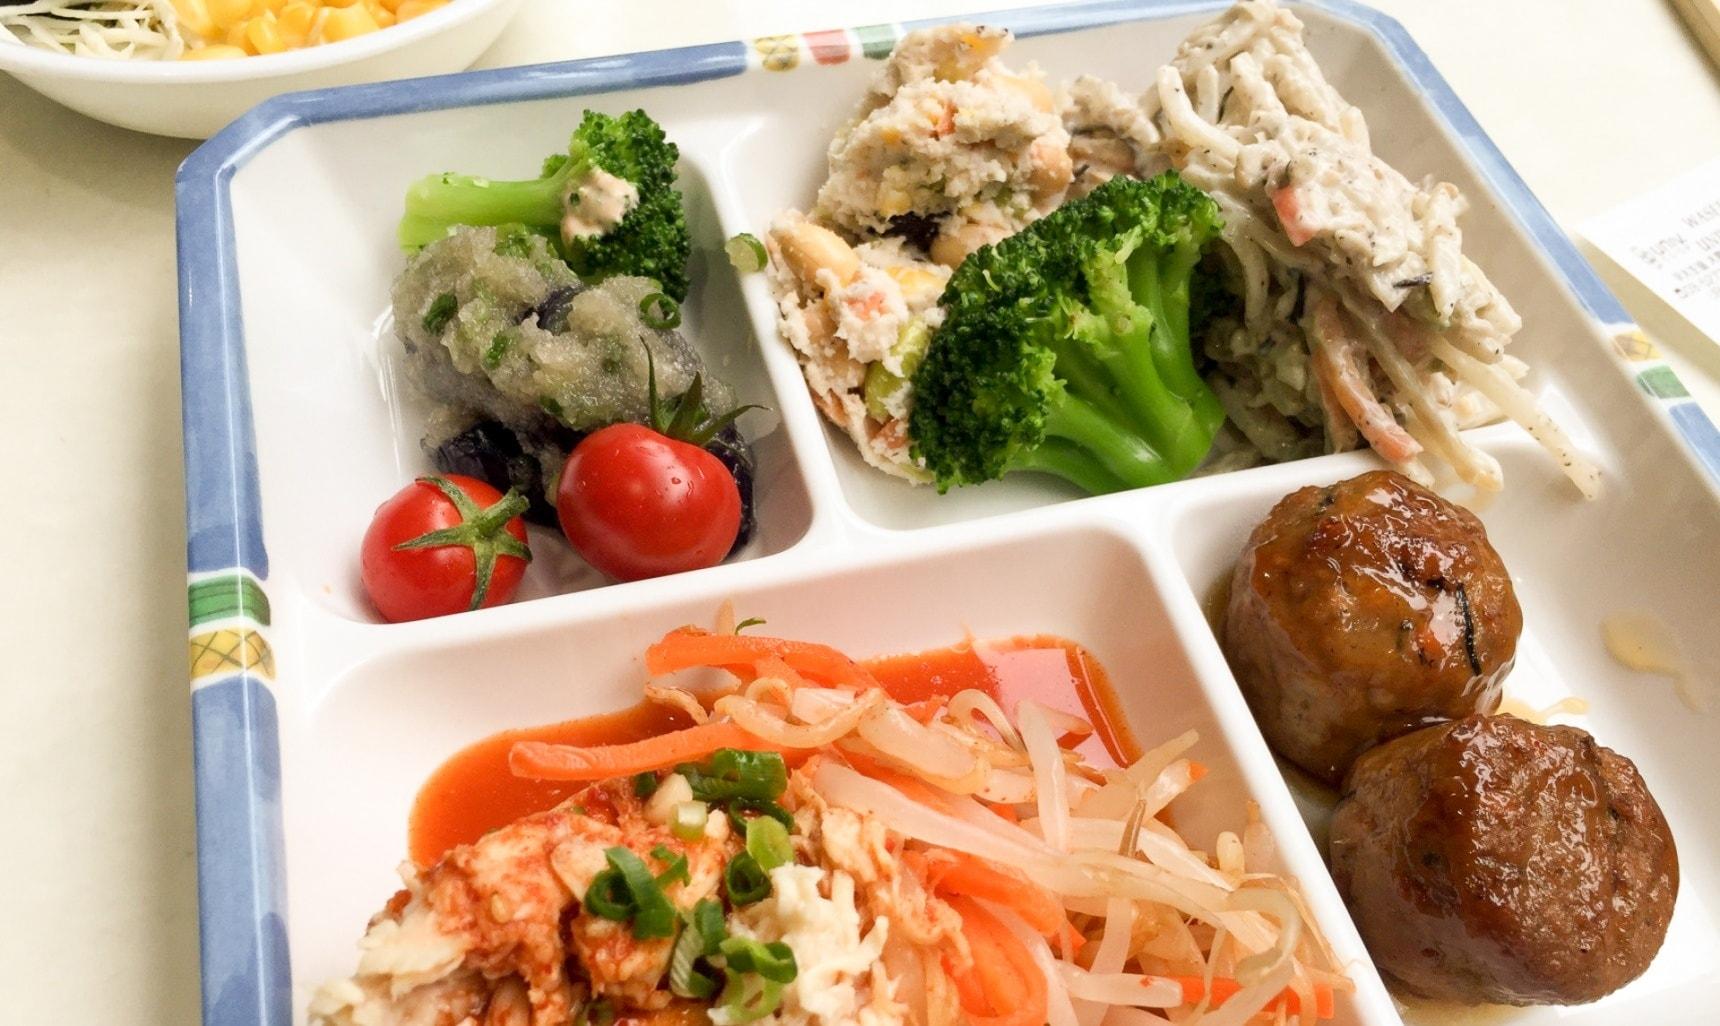 โรงอาหารของมหาลัยญี่ปุ่นเป็นอย่างไรนะ